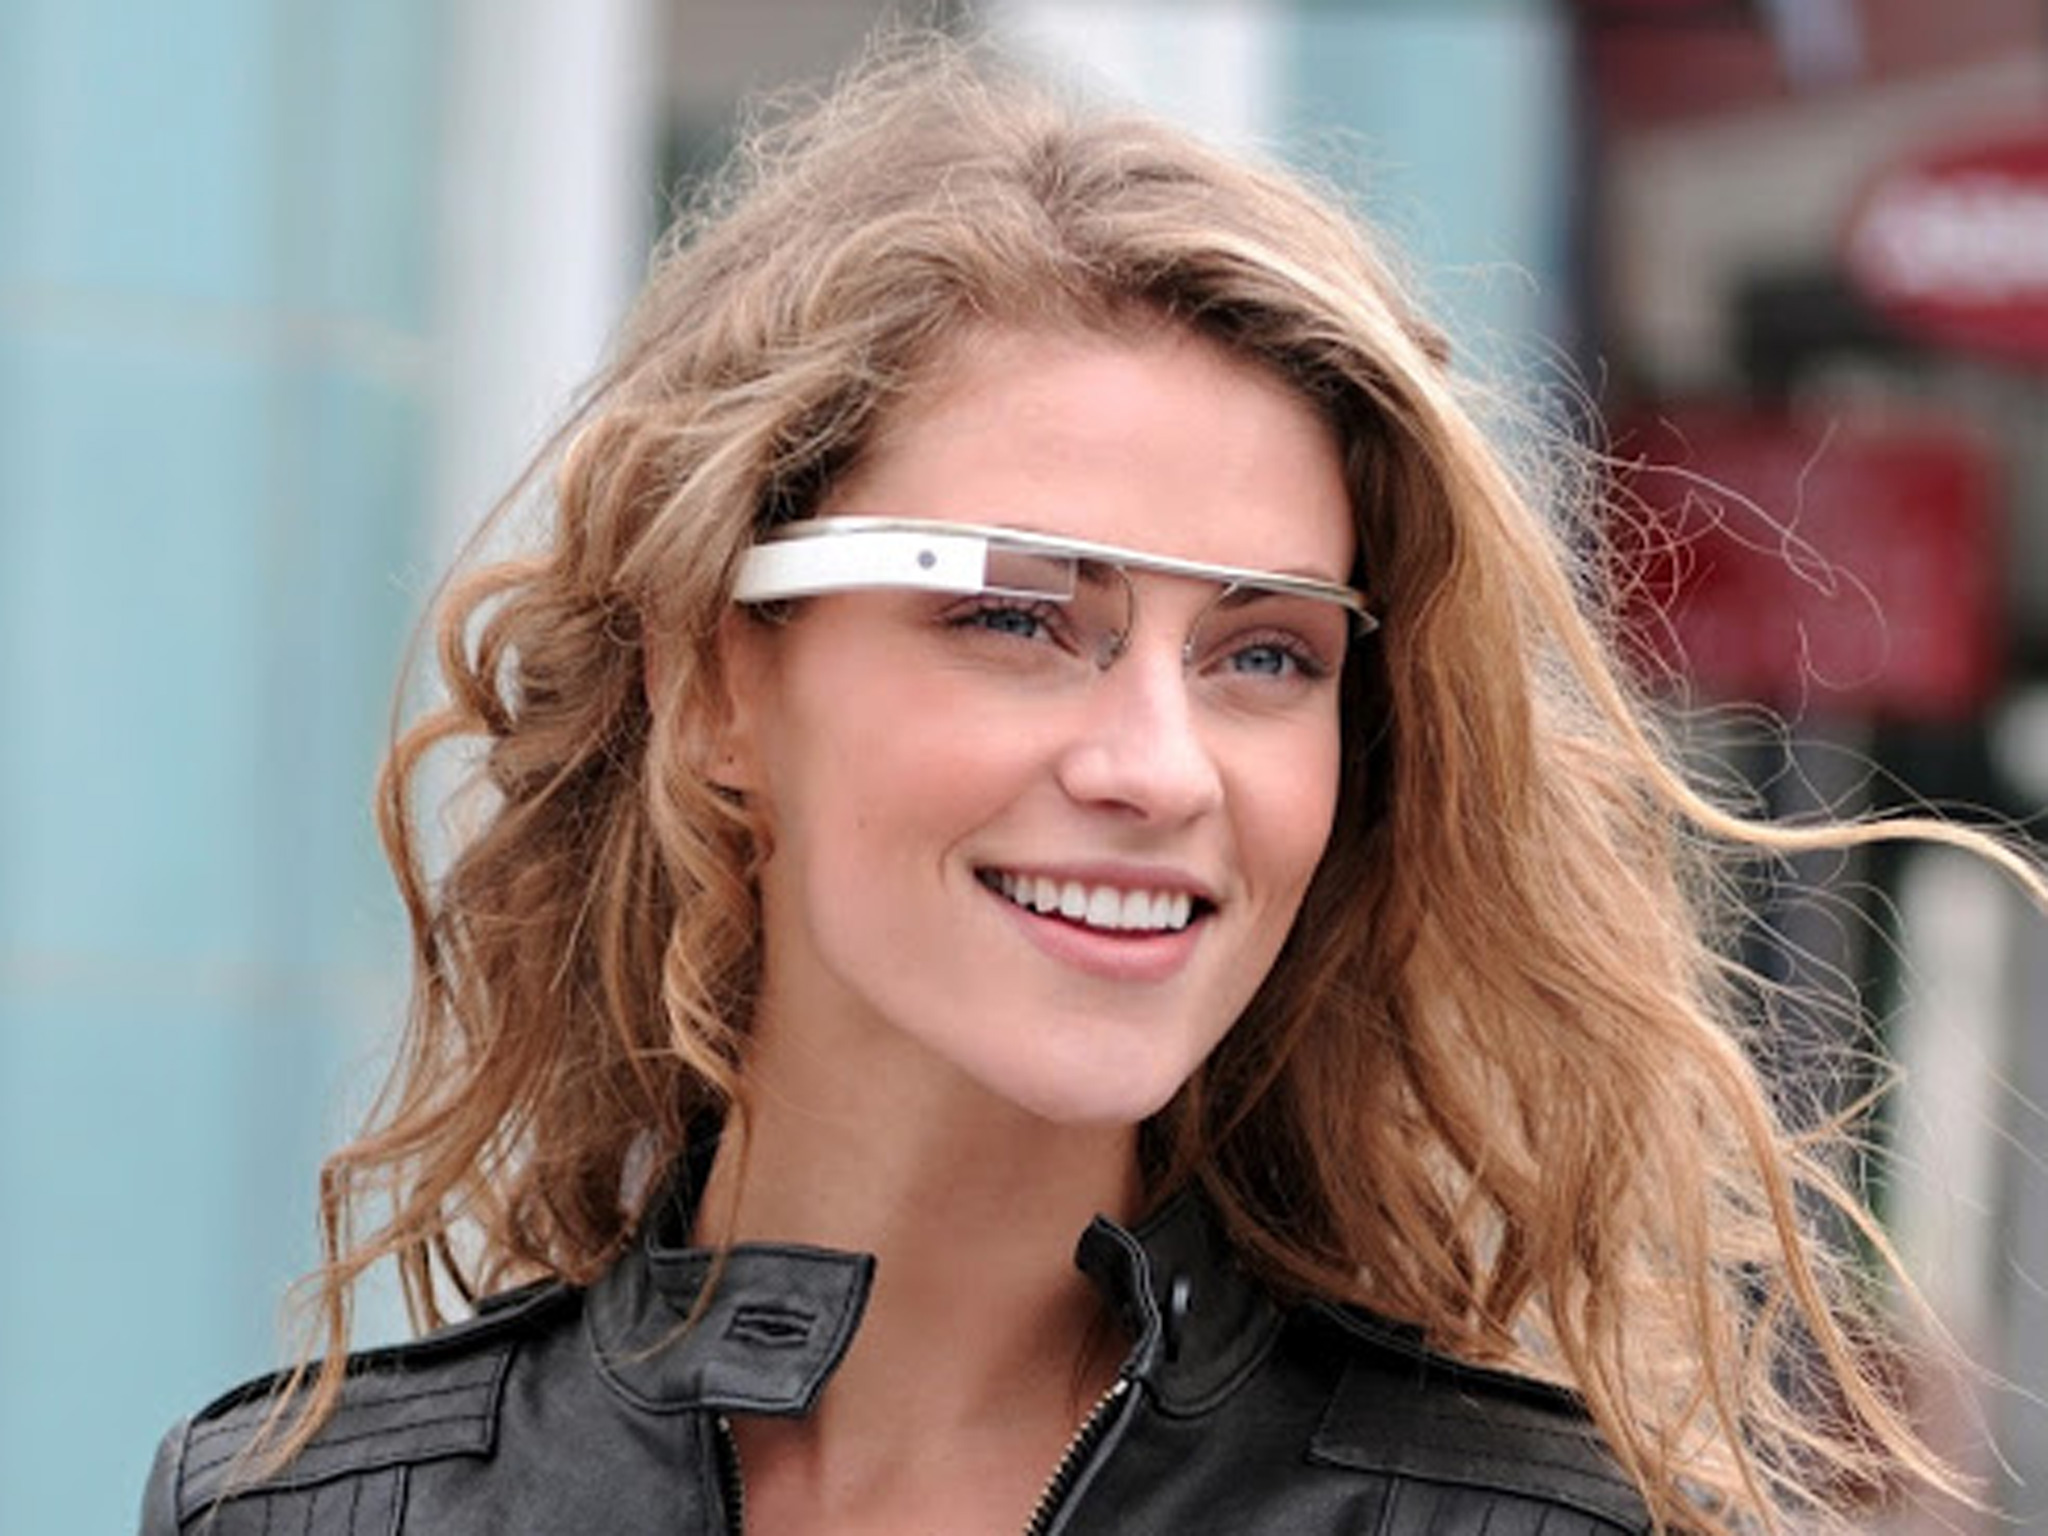 キター!!!Googleグラスが絶対に欲しくなる2分16秒の最新動画「OK, Glass!!」